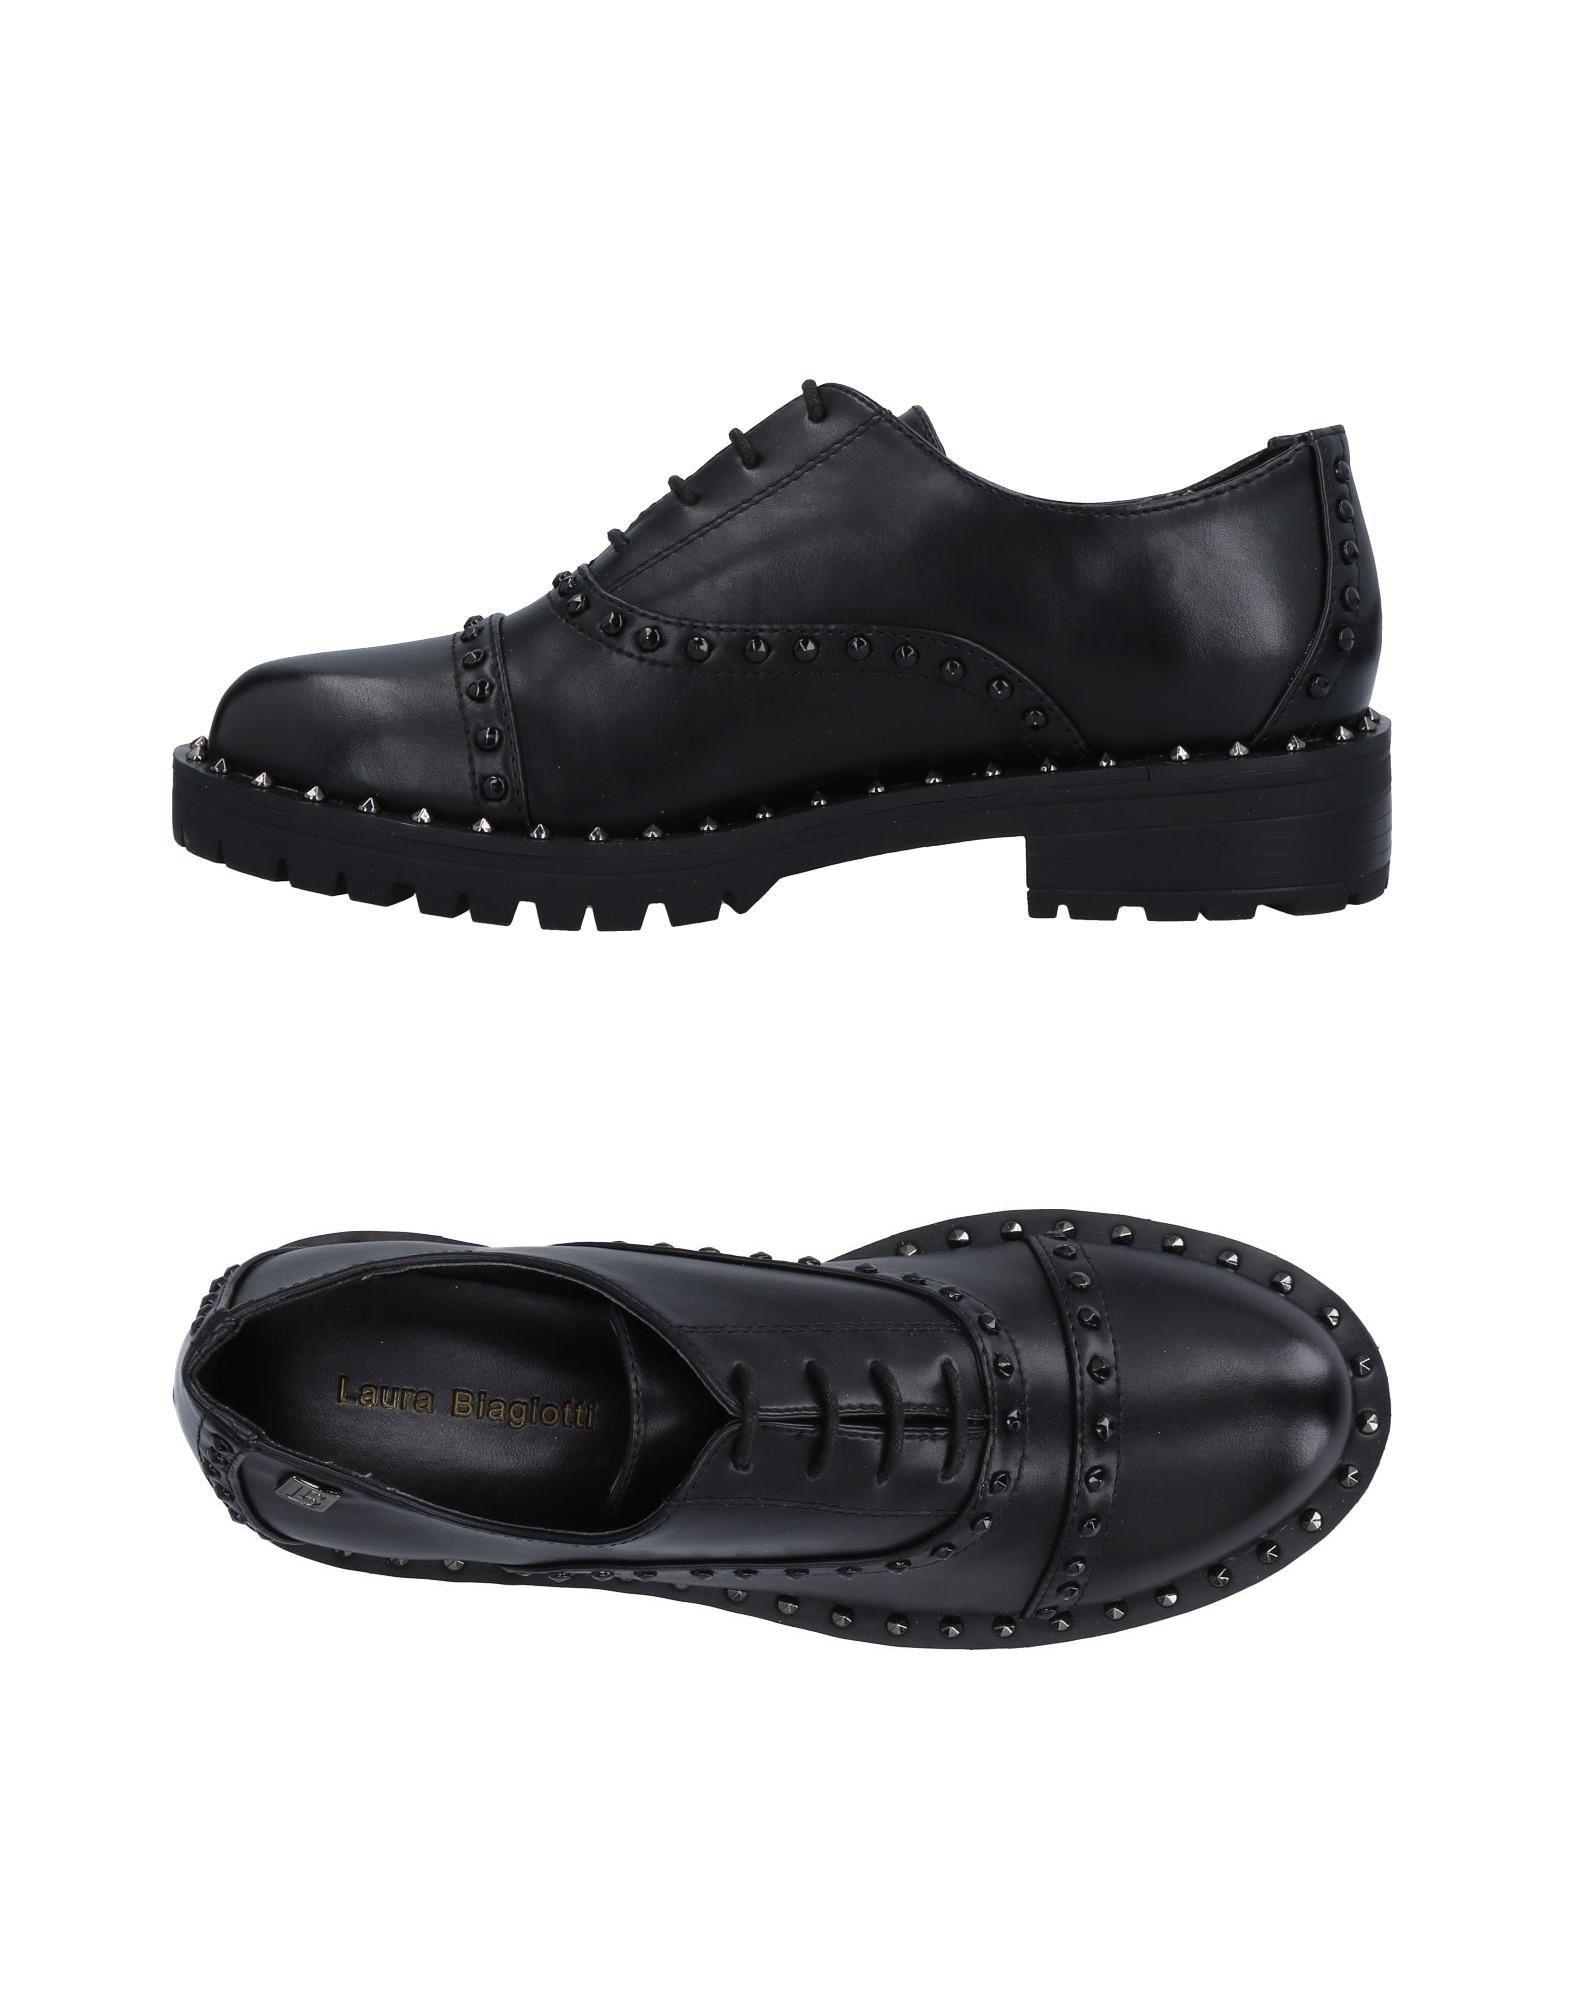 Laura Biagiotti Schnürschuhe Damen  11504377XV Gute Qualität beliebte Schuhe